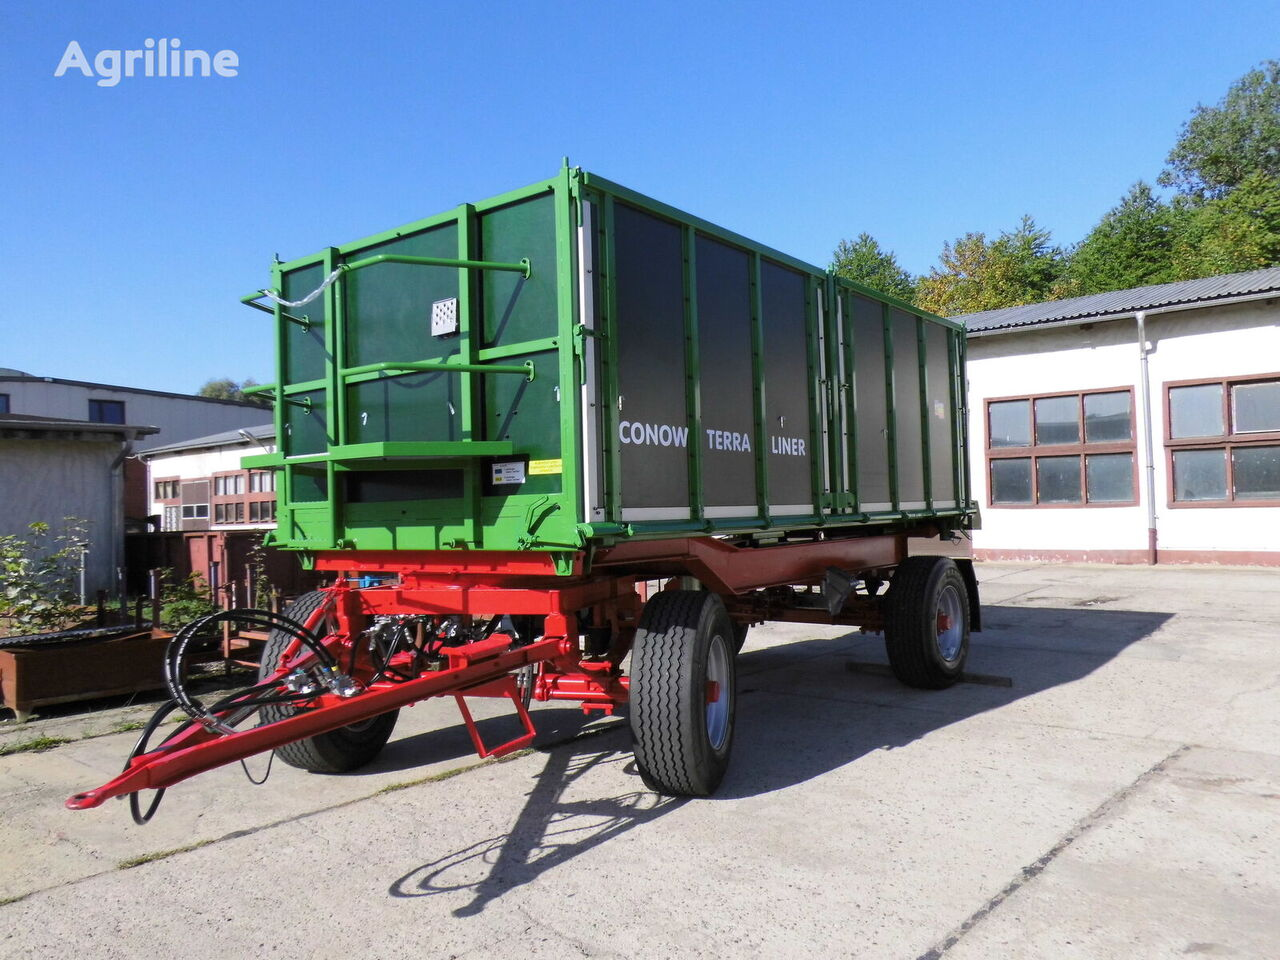 neuer CONOW Terra-Liner Traktoranhänger